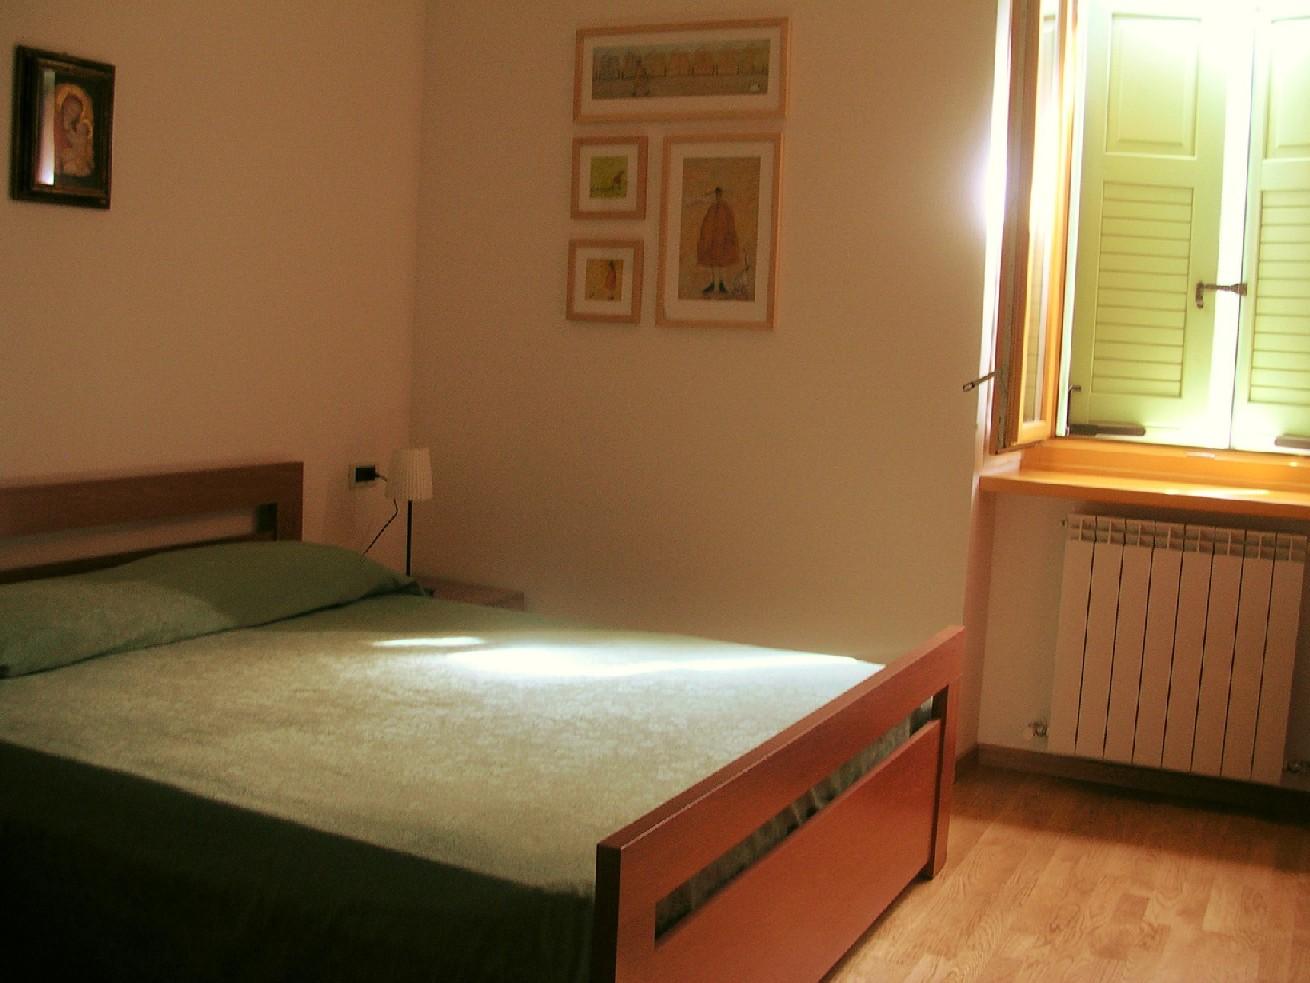 affitto appartamento montagna bezzecca 2673 (2673_2007326161044.jpg)